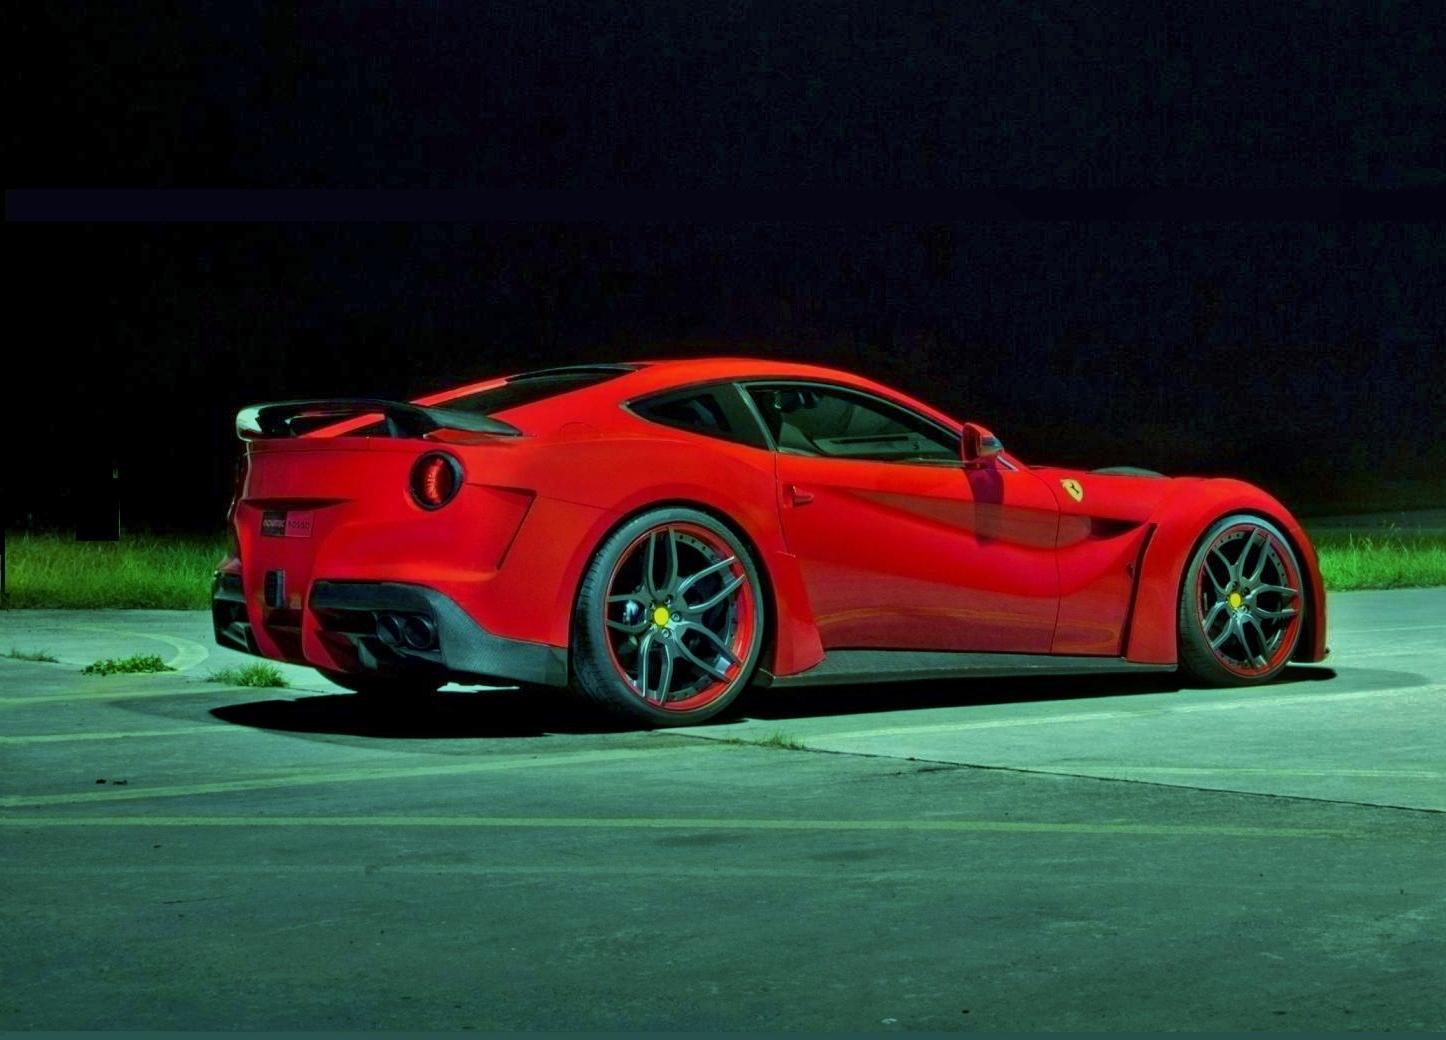 Novitec Complete Aerodynamic Kit For Ferrari F12 N Largo